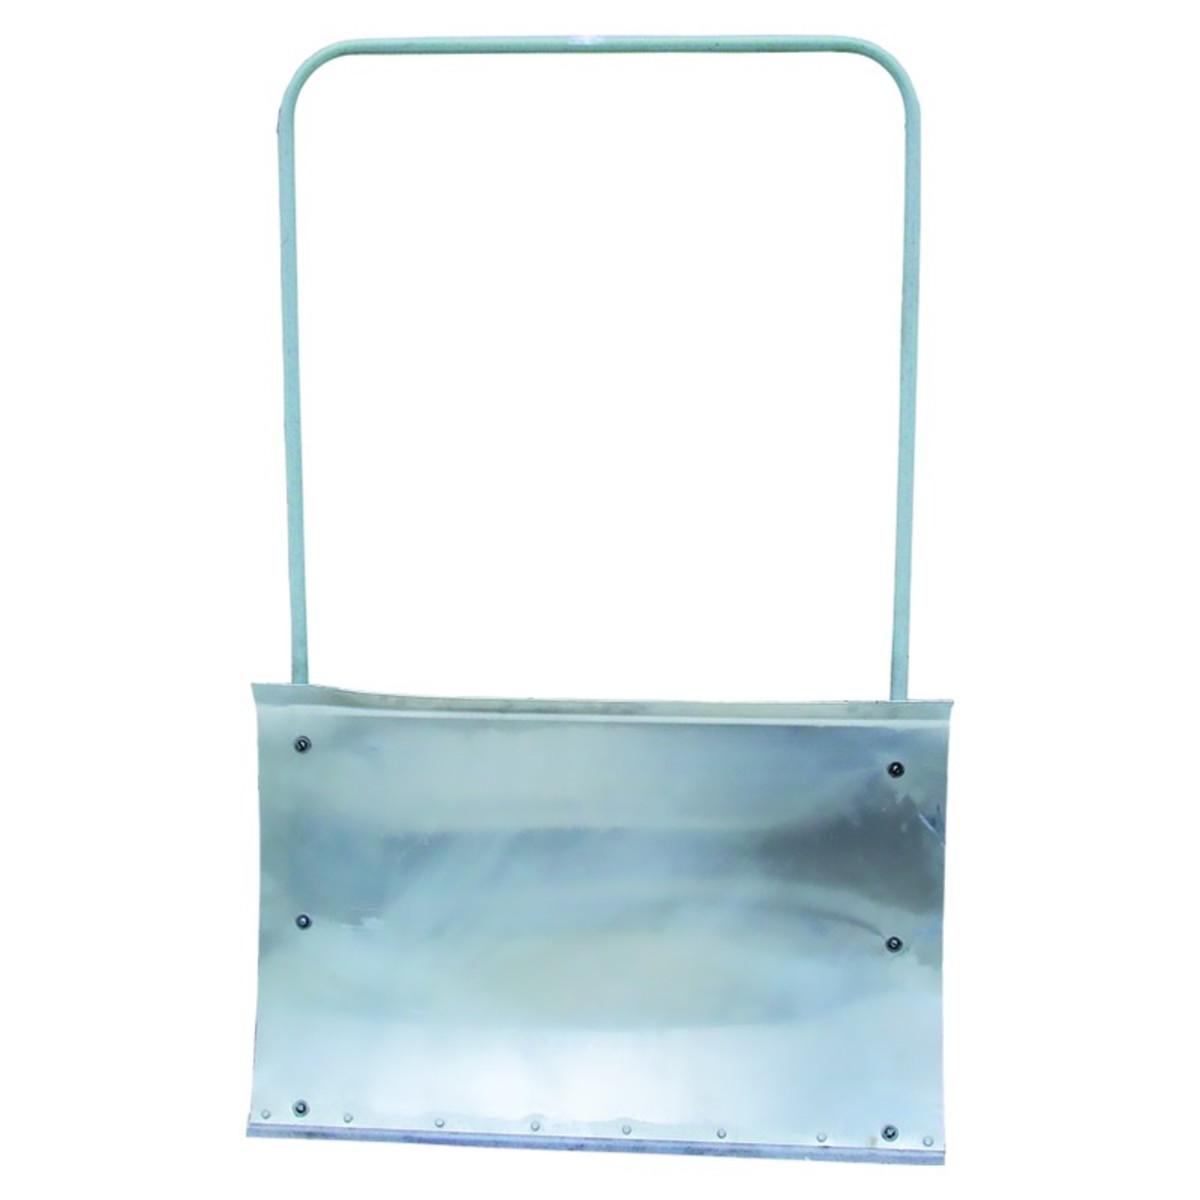 Движок для уборки снега 750х370х0.8 оцинкованный